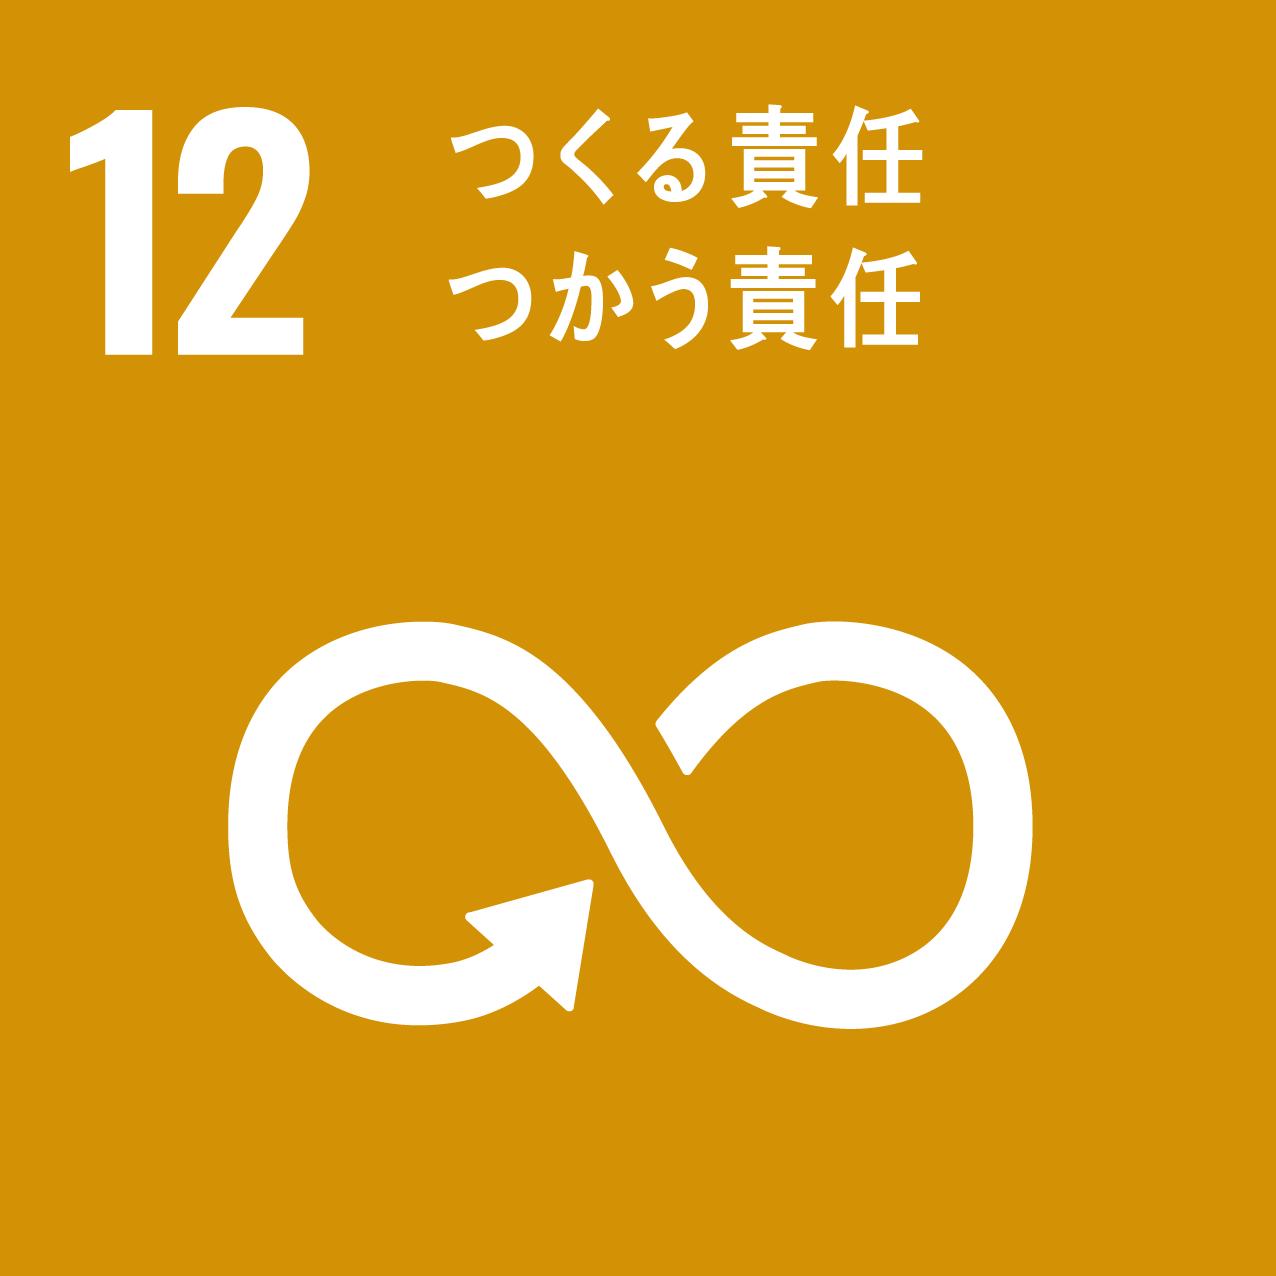 SDGs 12